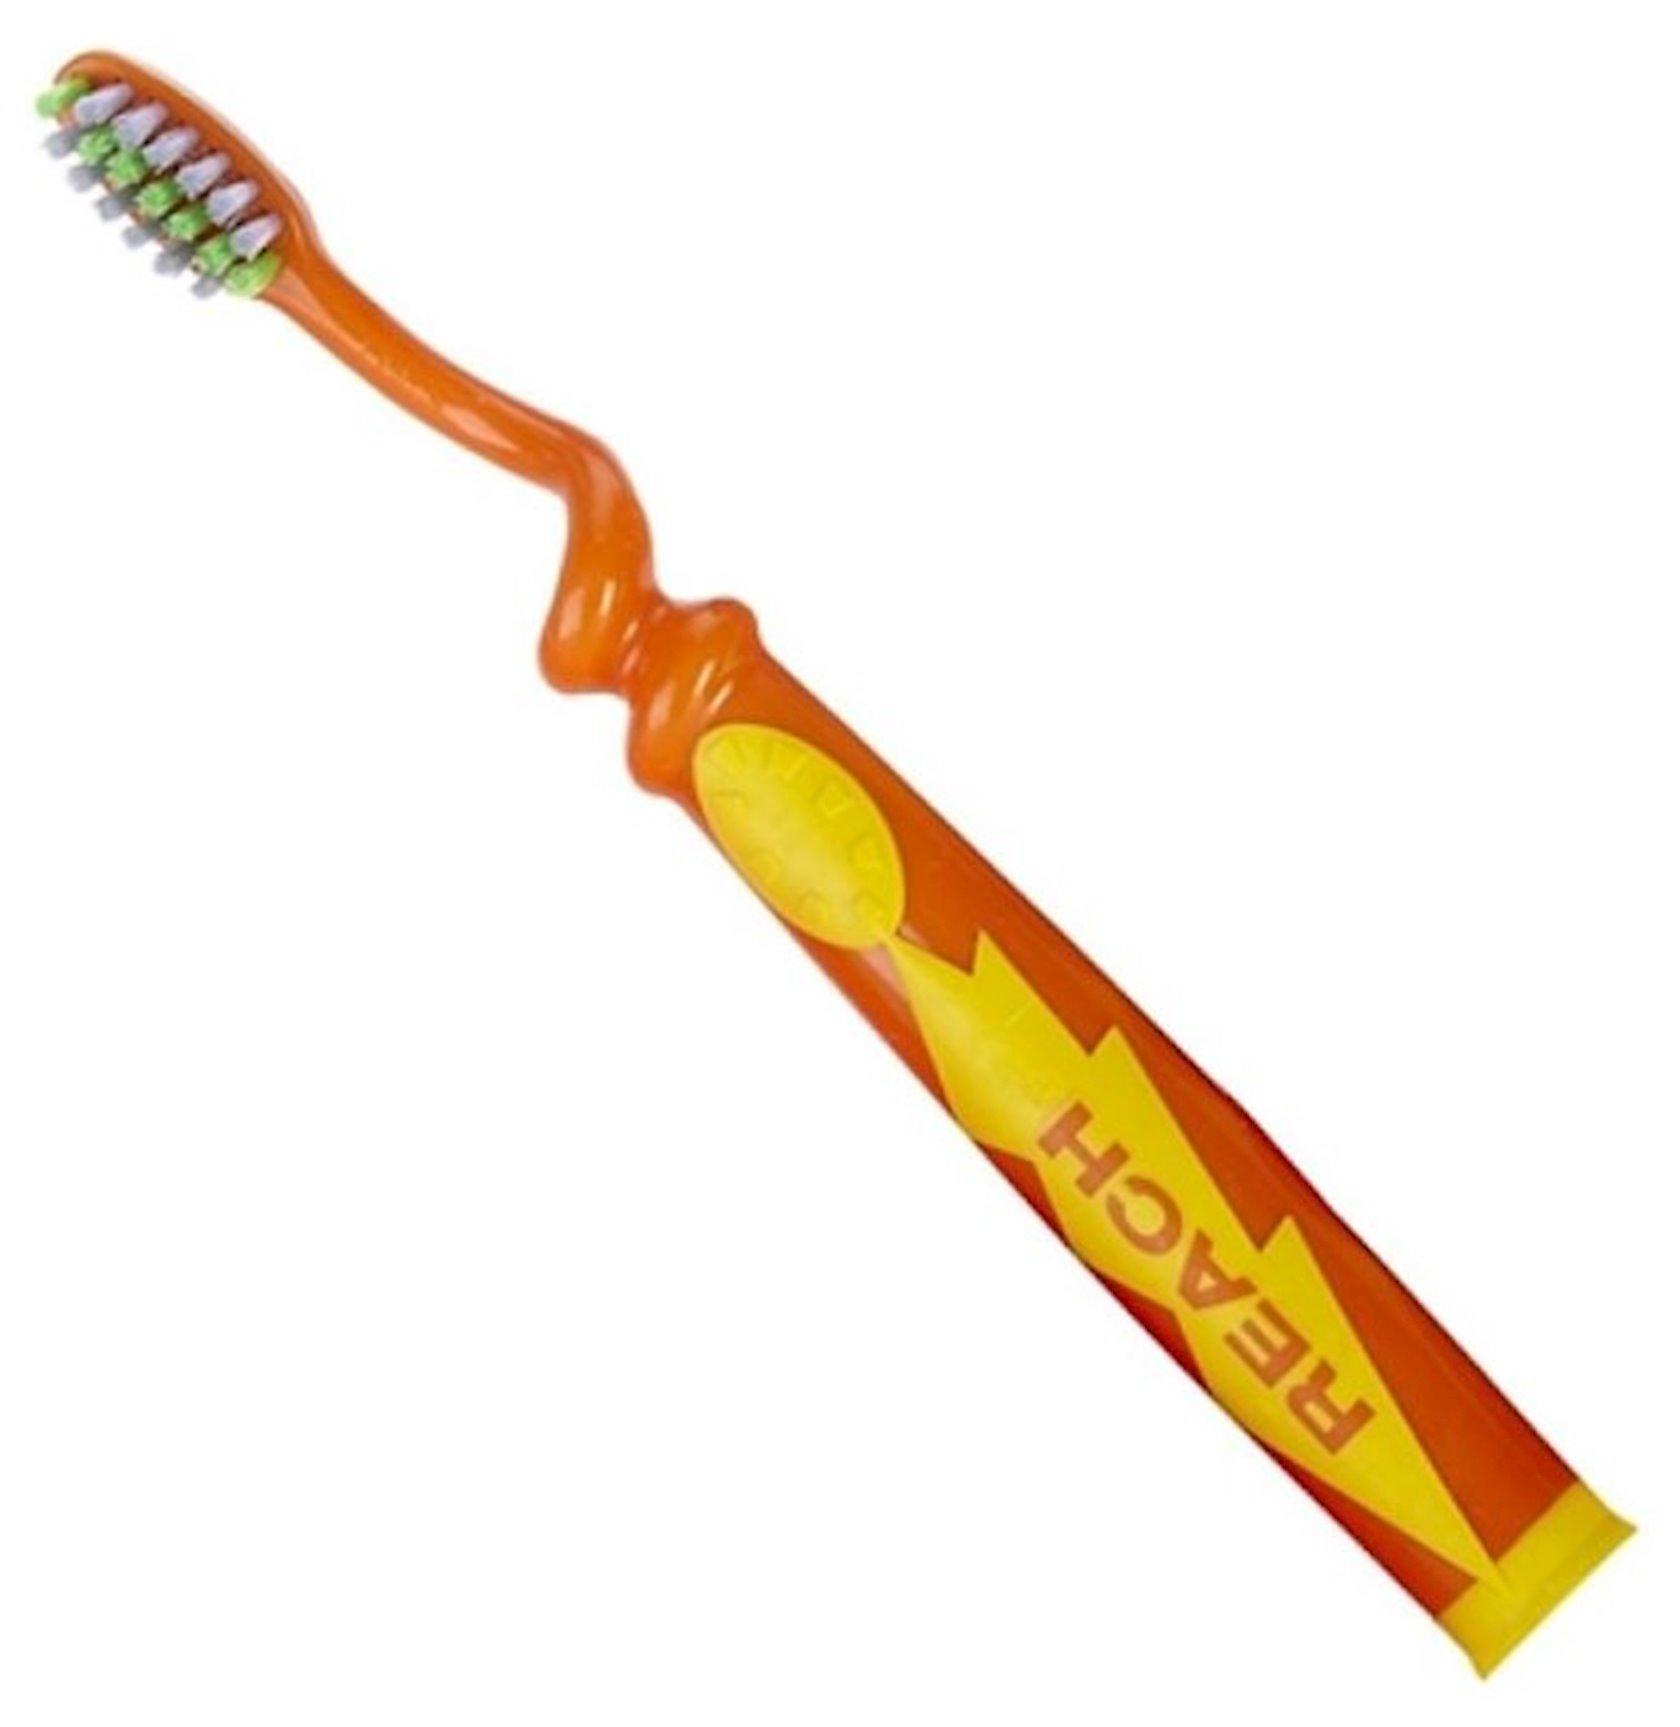 Diş fırçası uşaq üçün Reach Wonder Grip